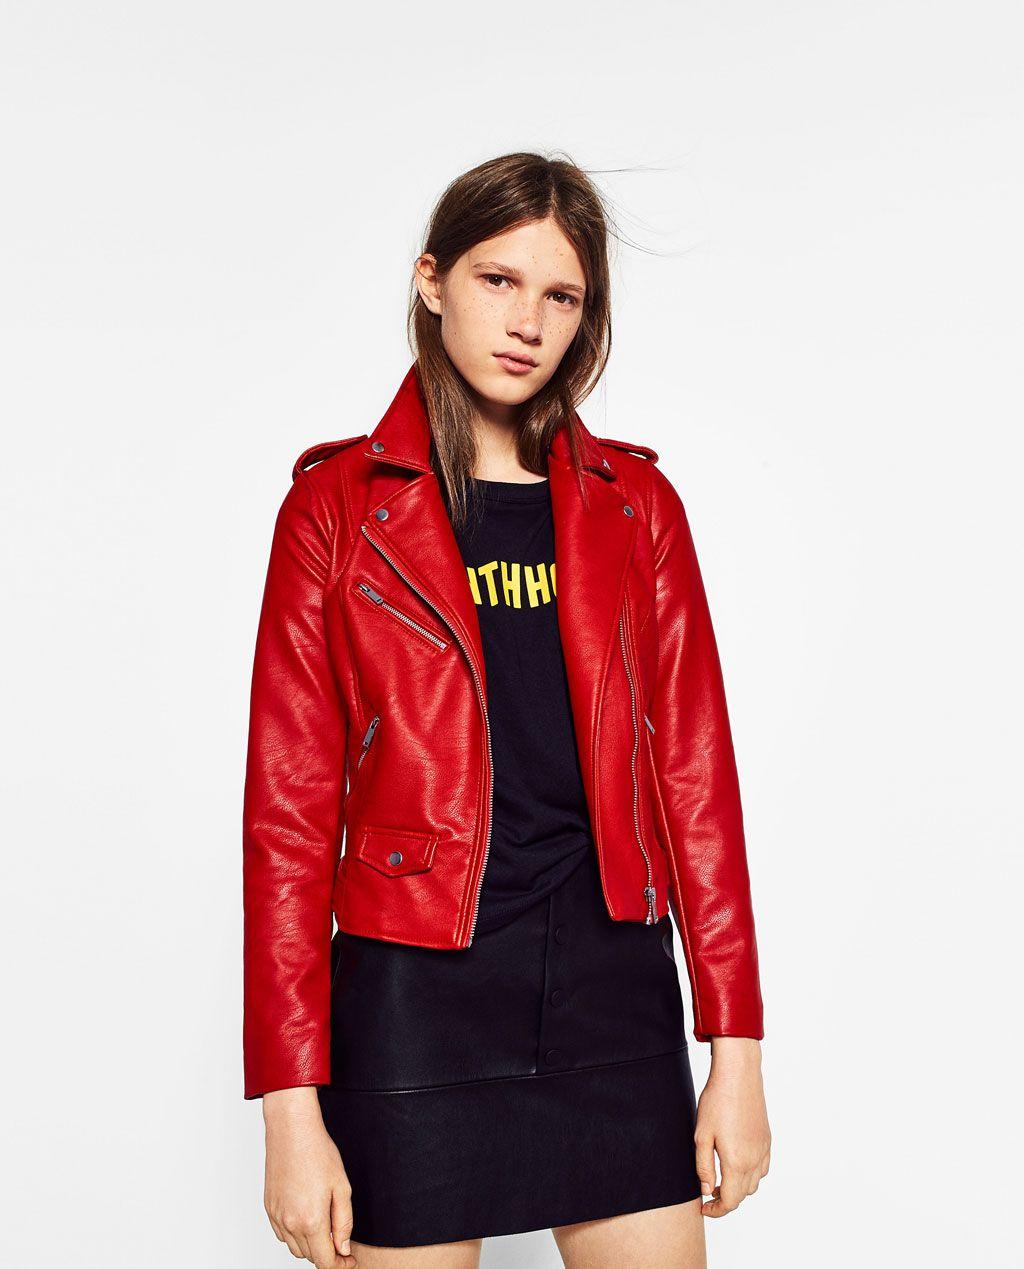 Colourful Red Jacket Biker Trf Zara Pinterest 1wfUqSS